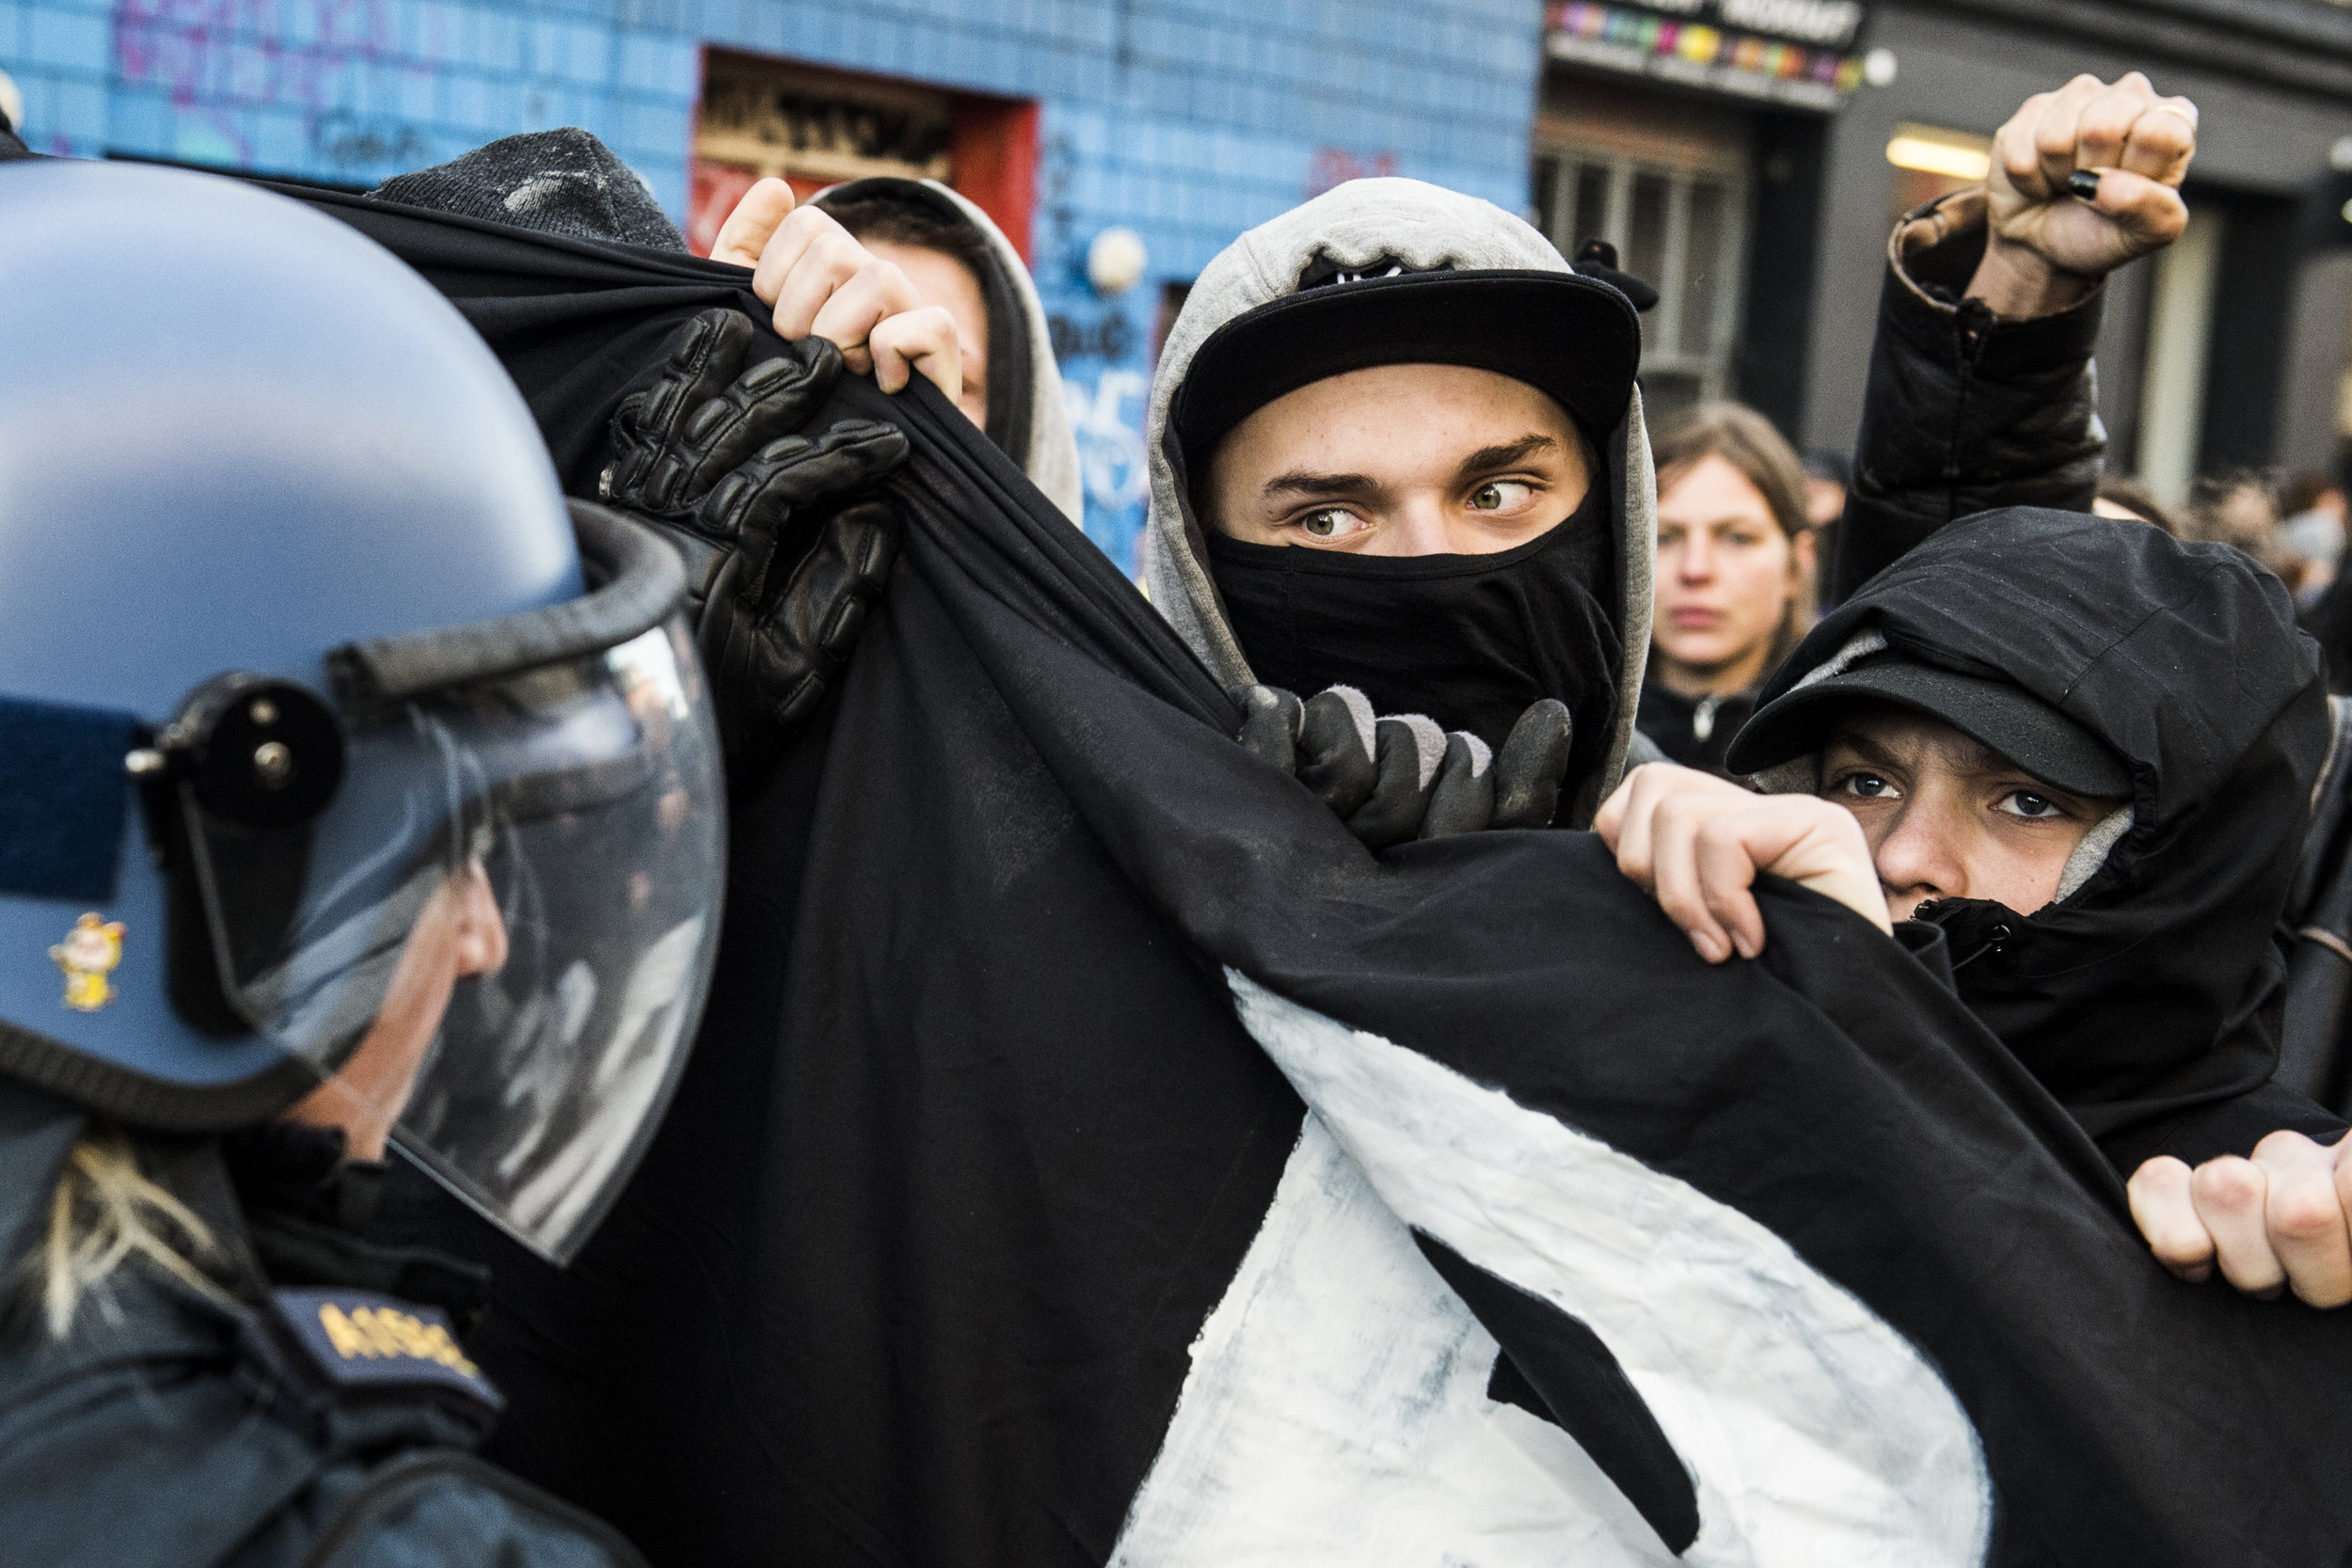 Protests in Copenhagen